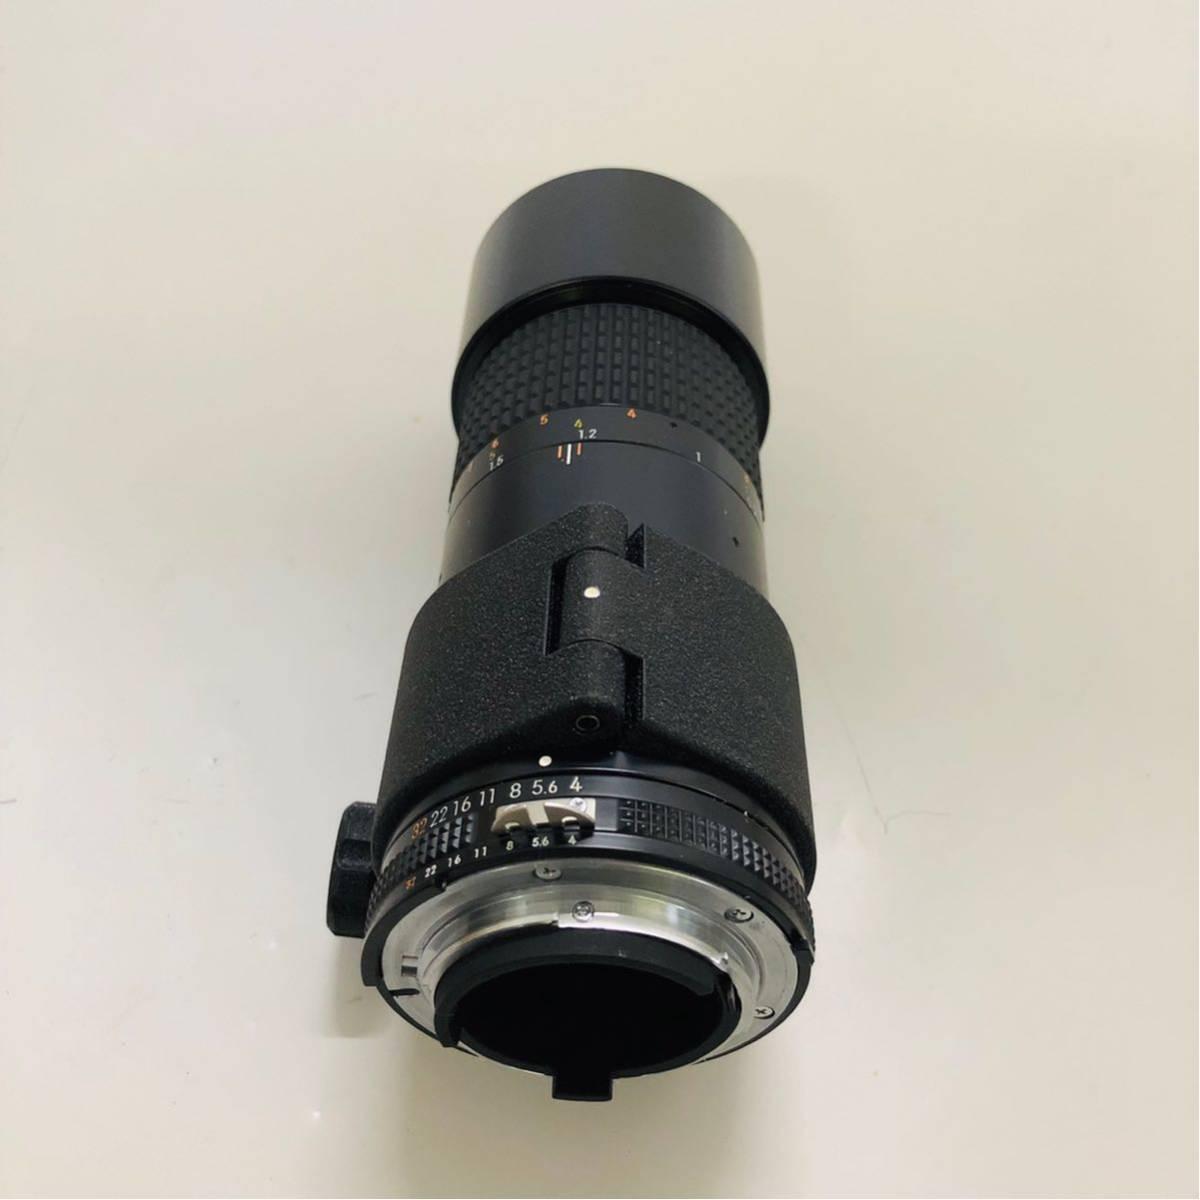 【美品】Nikon ニコン レンズ MICRO NIKKOR 200mm f/4_画像7